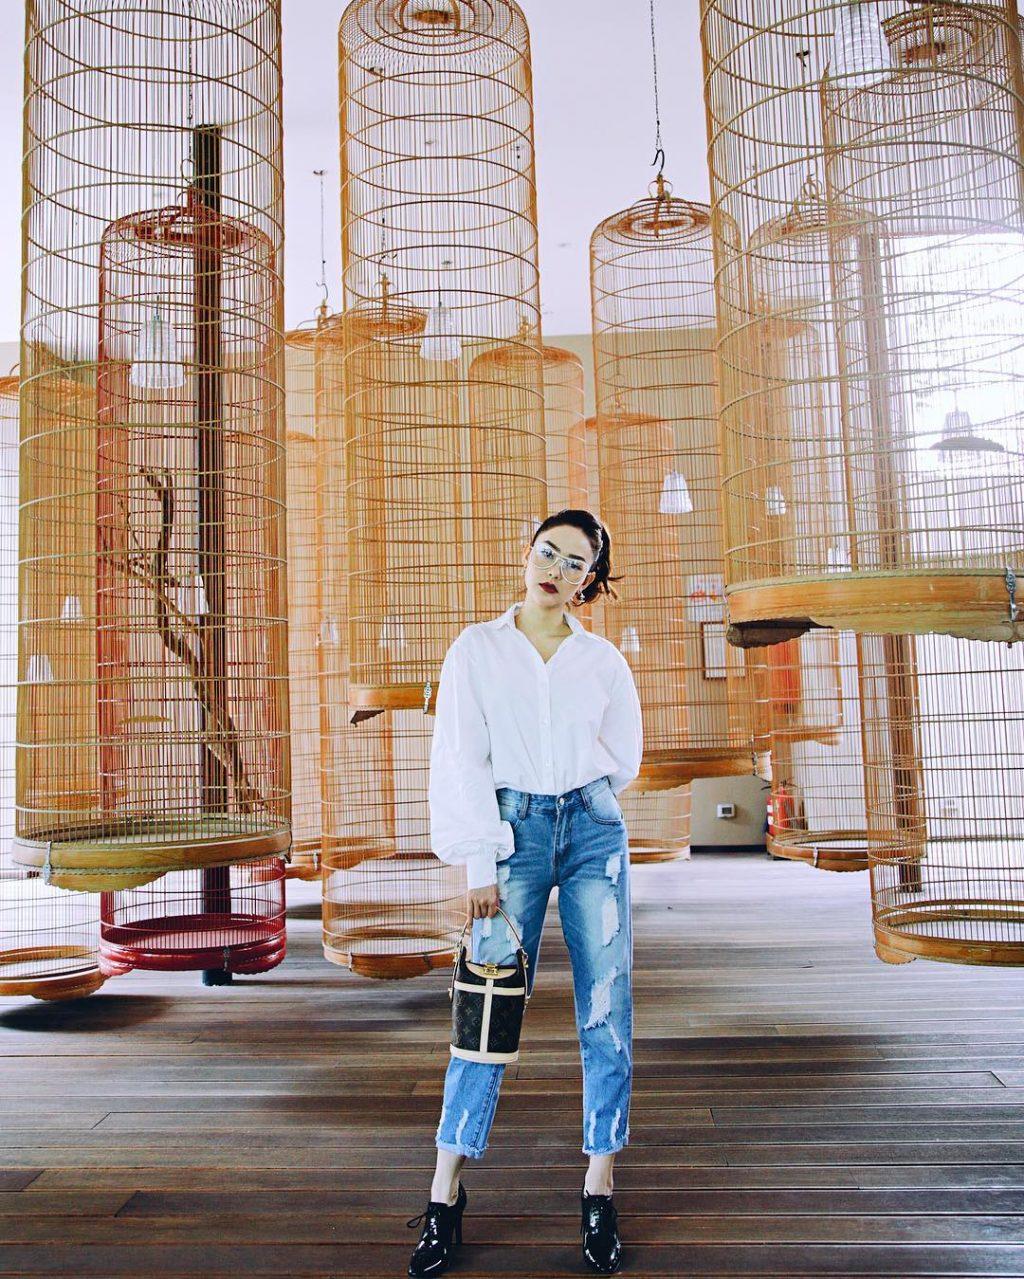 Xu hướng thời trang quần jeans được nhiều sao Việt ưa chuộng 5